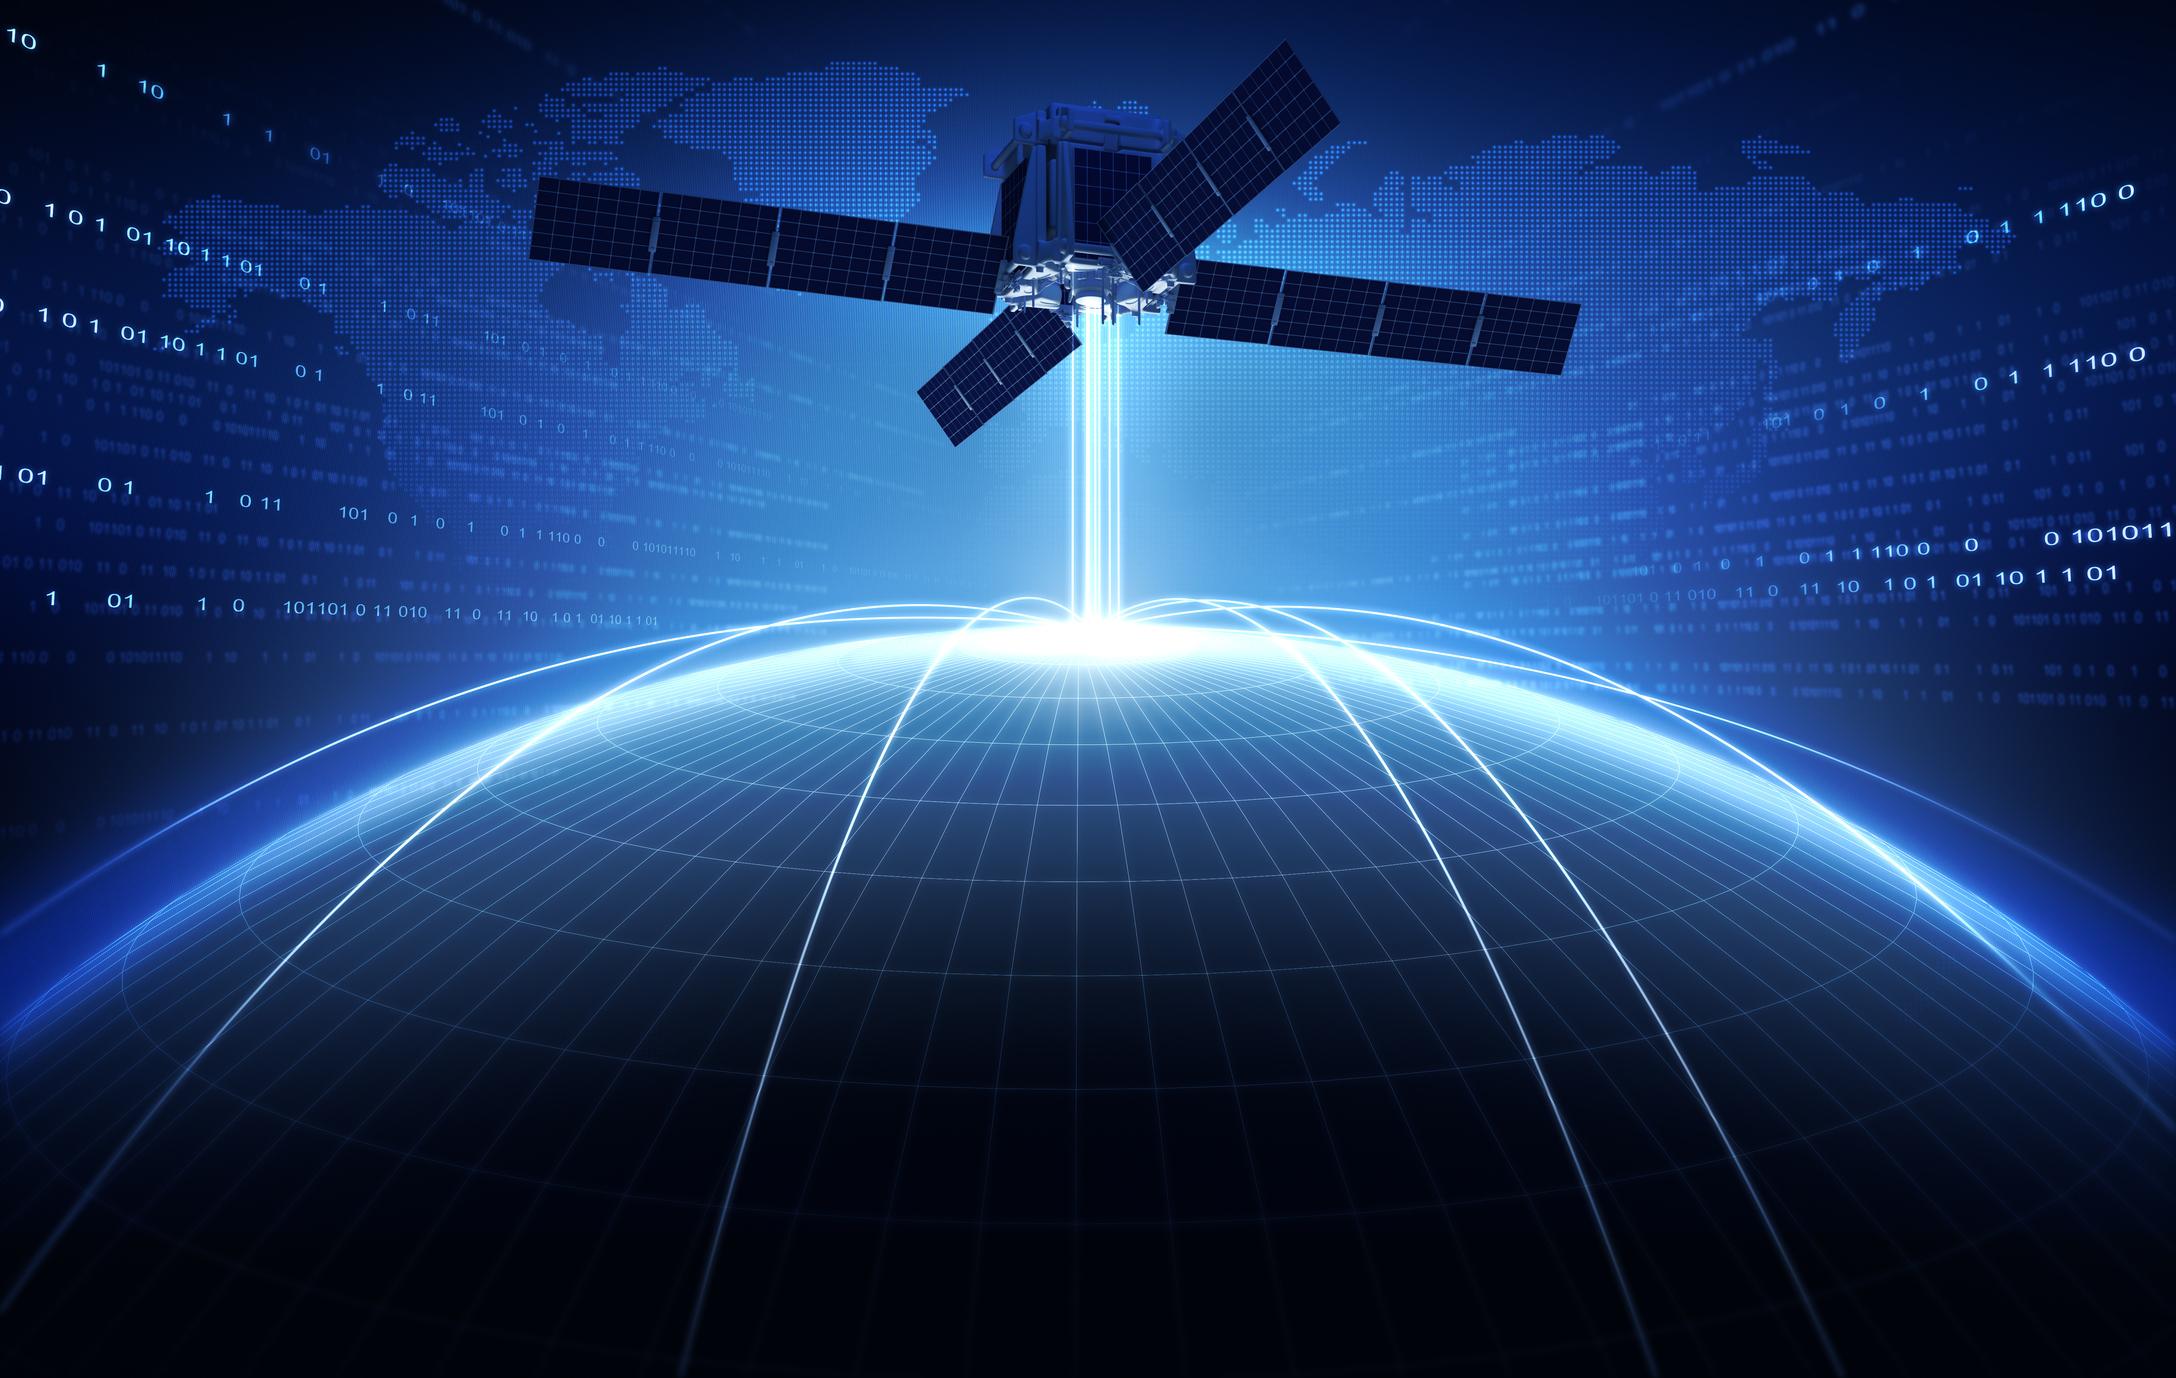 Communications satellite in orbit.